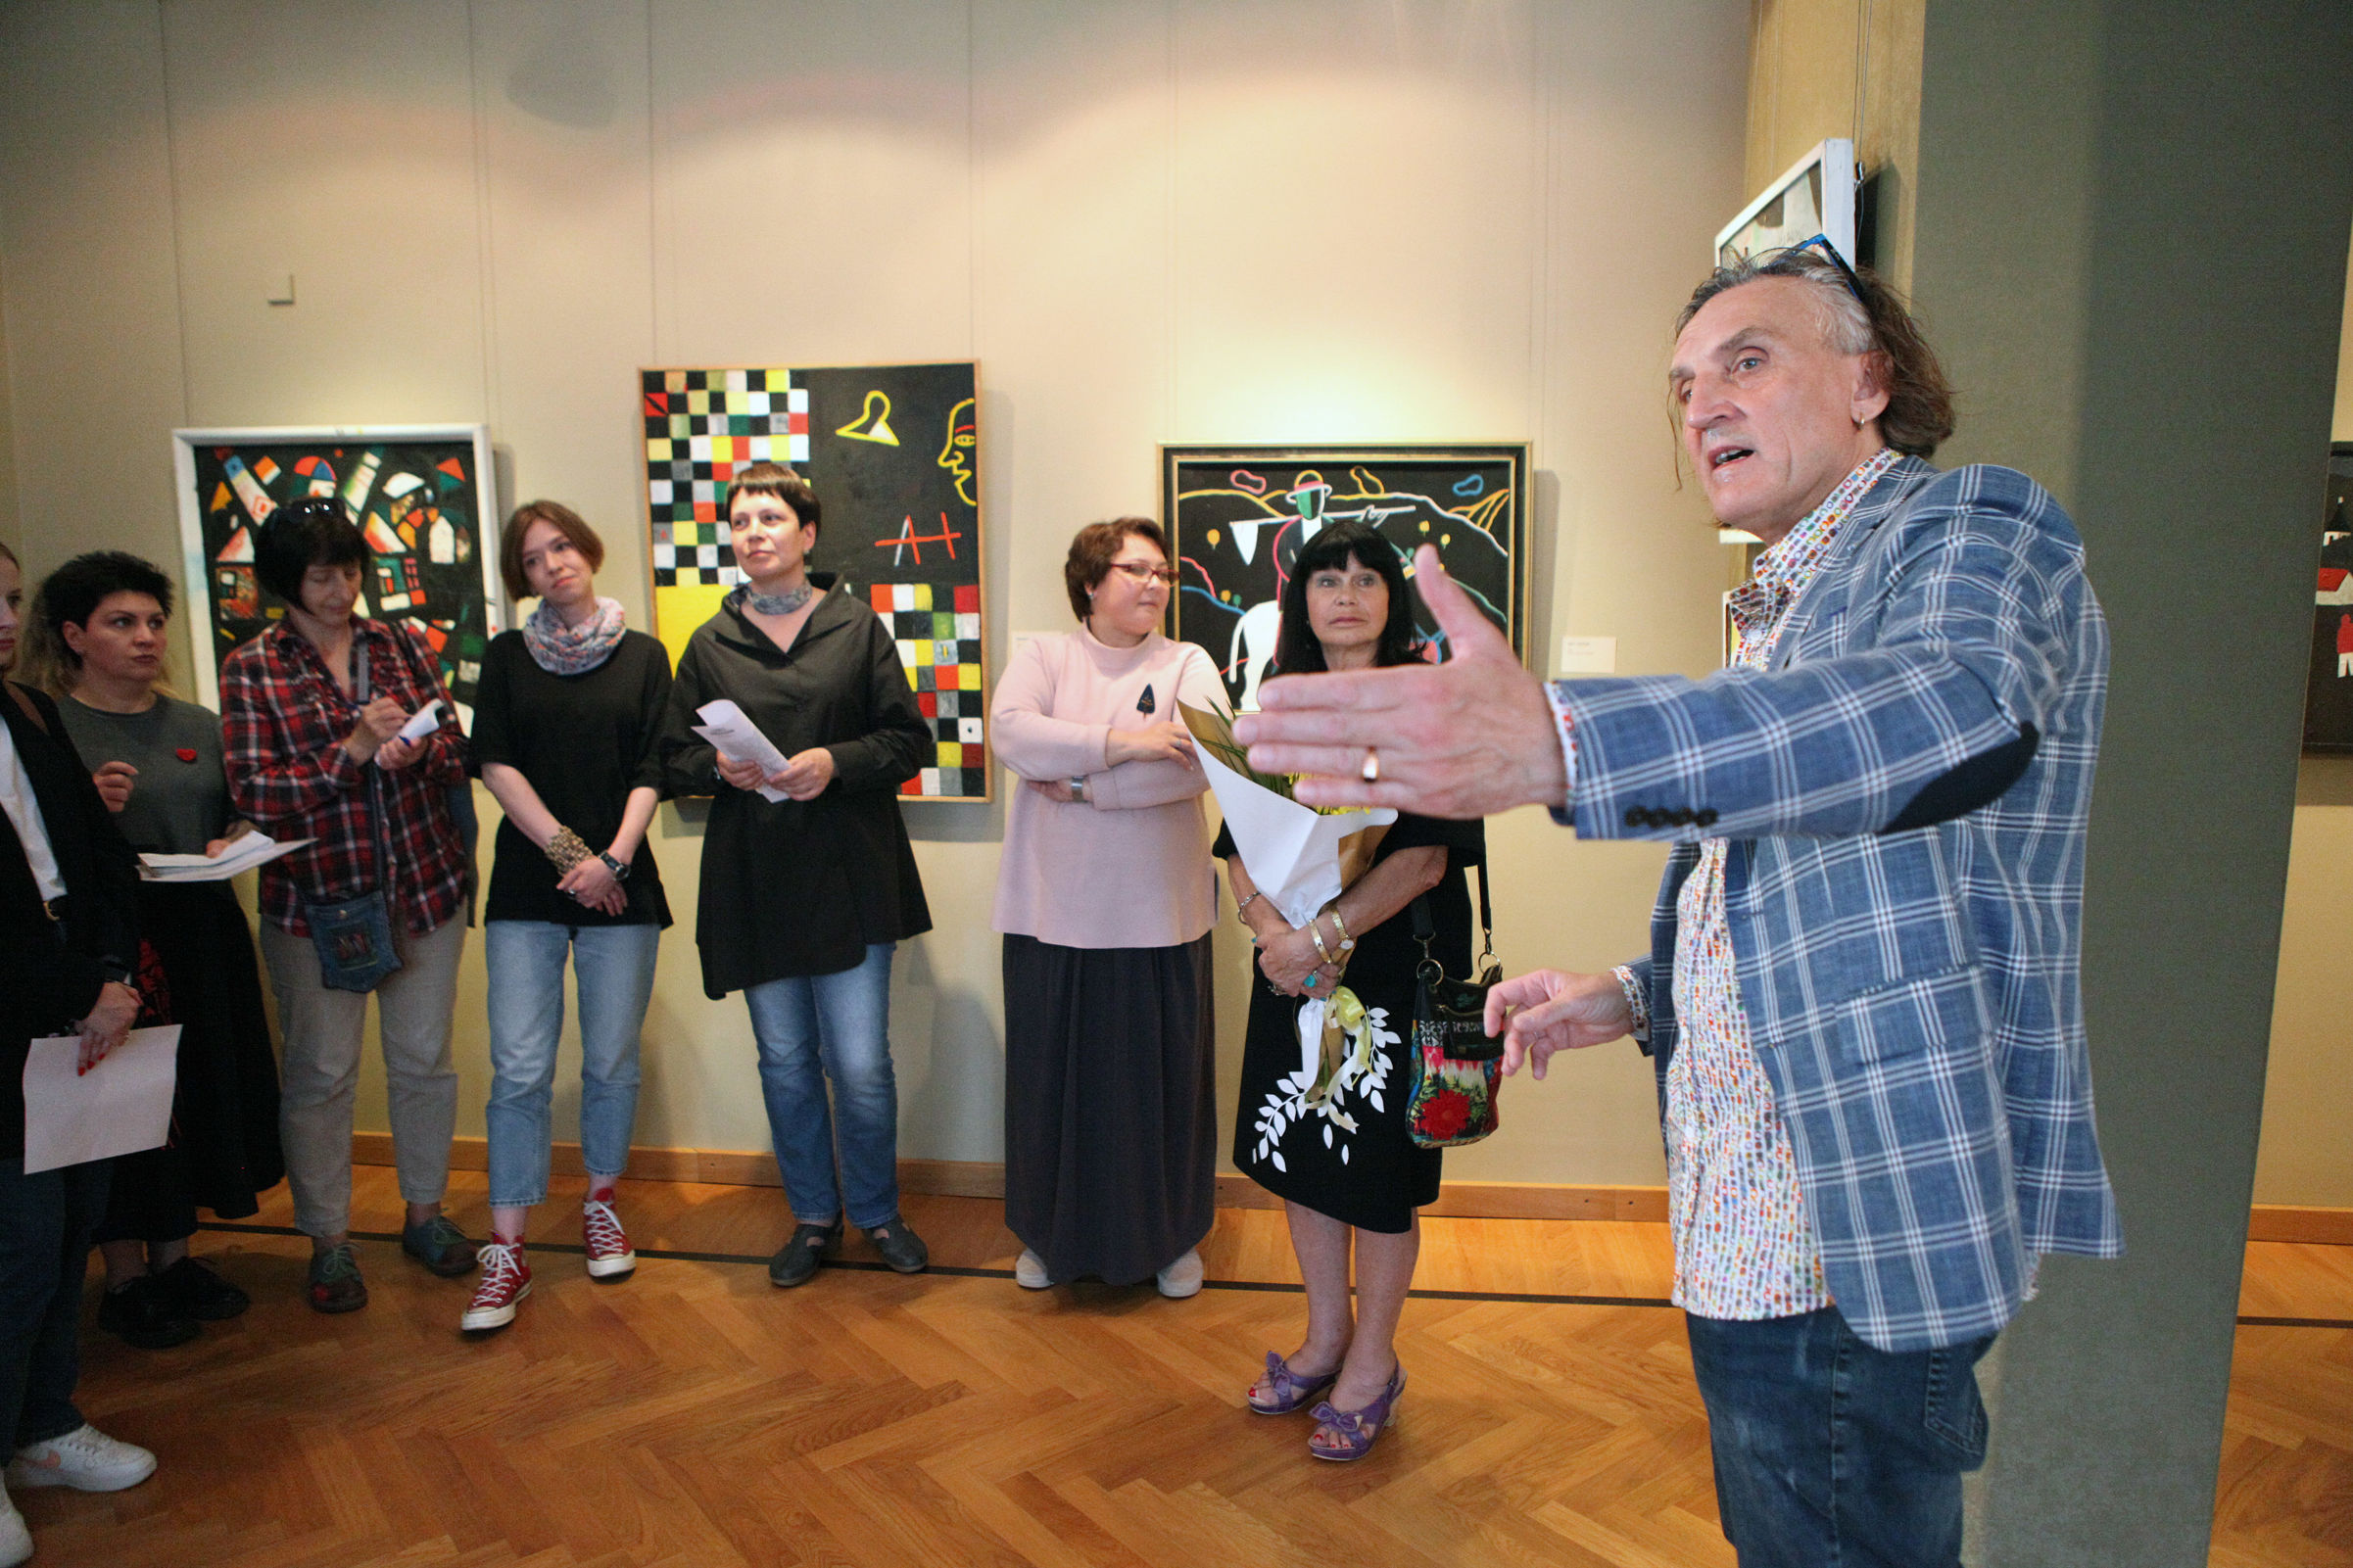 «Свой взгляд» на русскую жизнь: в Ярославле представили работы художника-нонконформиста Алексея Новикова